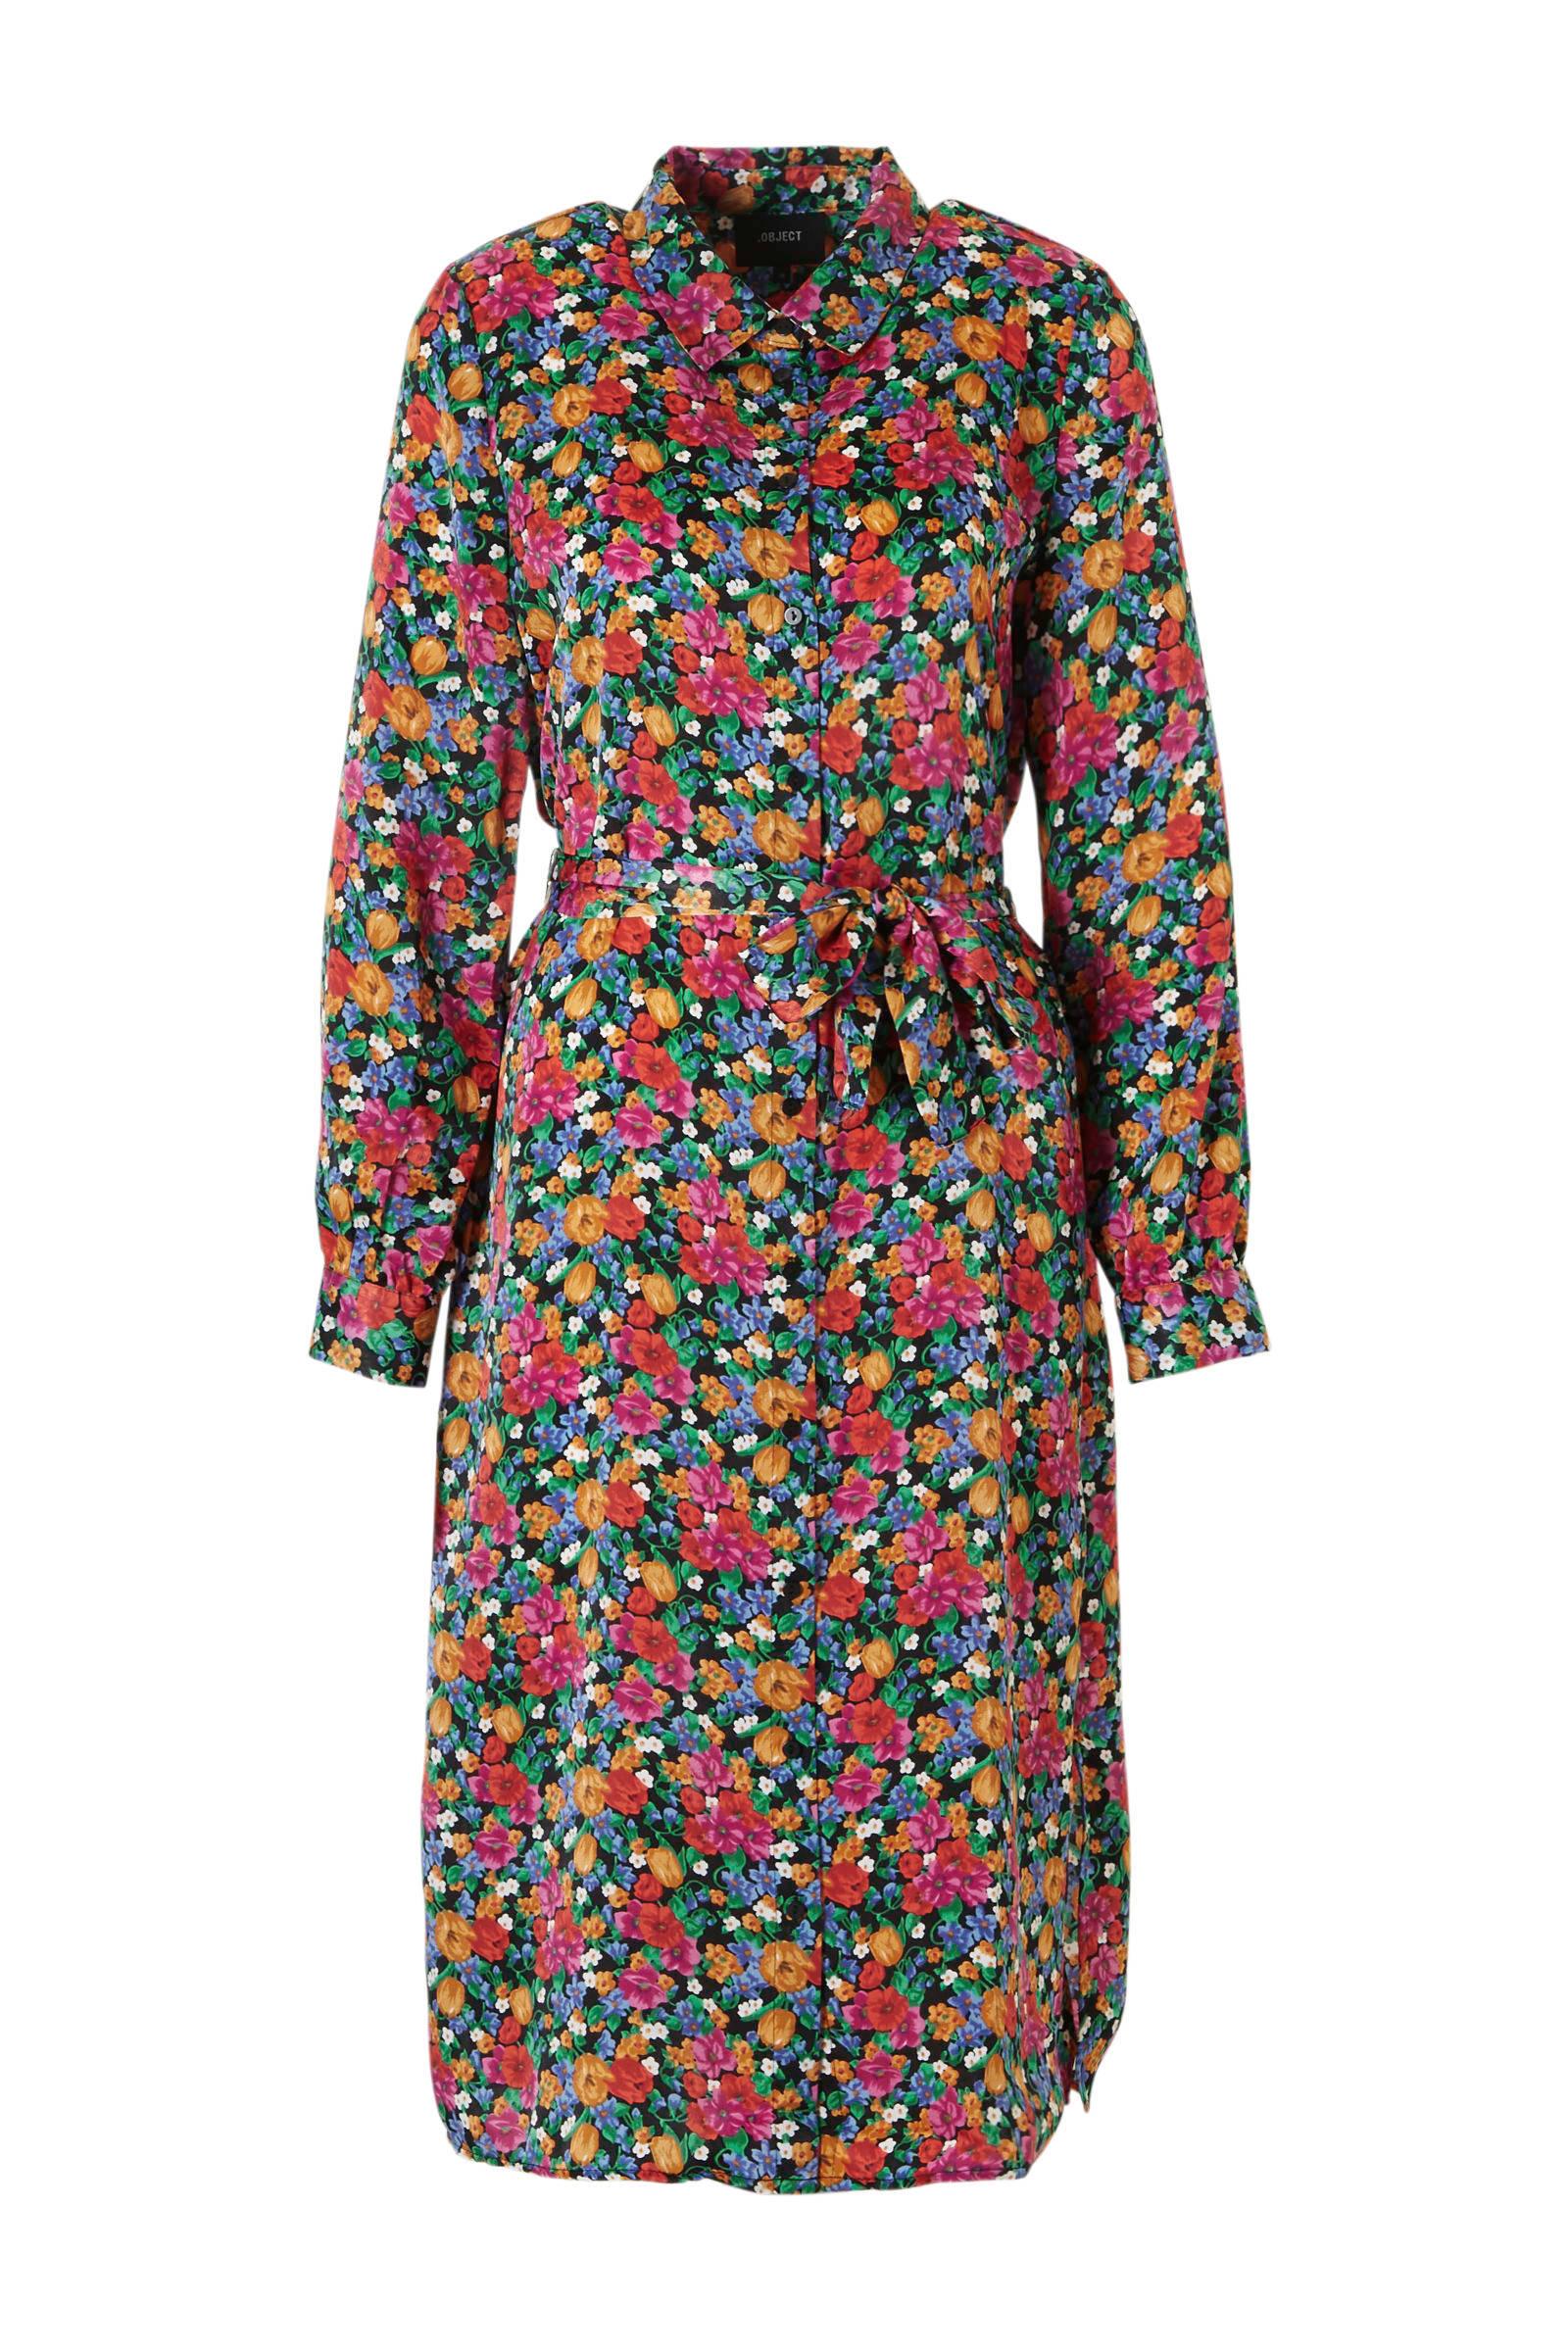 dae6bdb587b2d5 Iets Nieuws Maxi jurken bij wehkamp - Gratis bezorging vanaf 20.-  QJ99